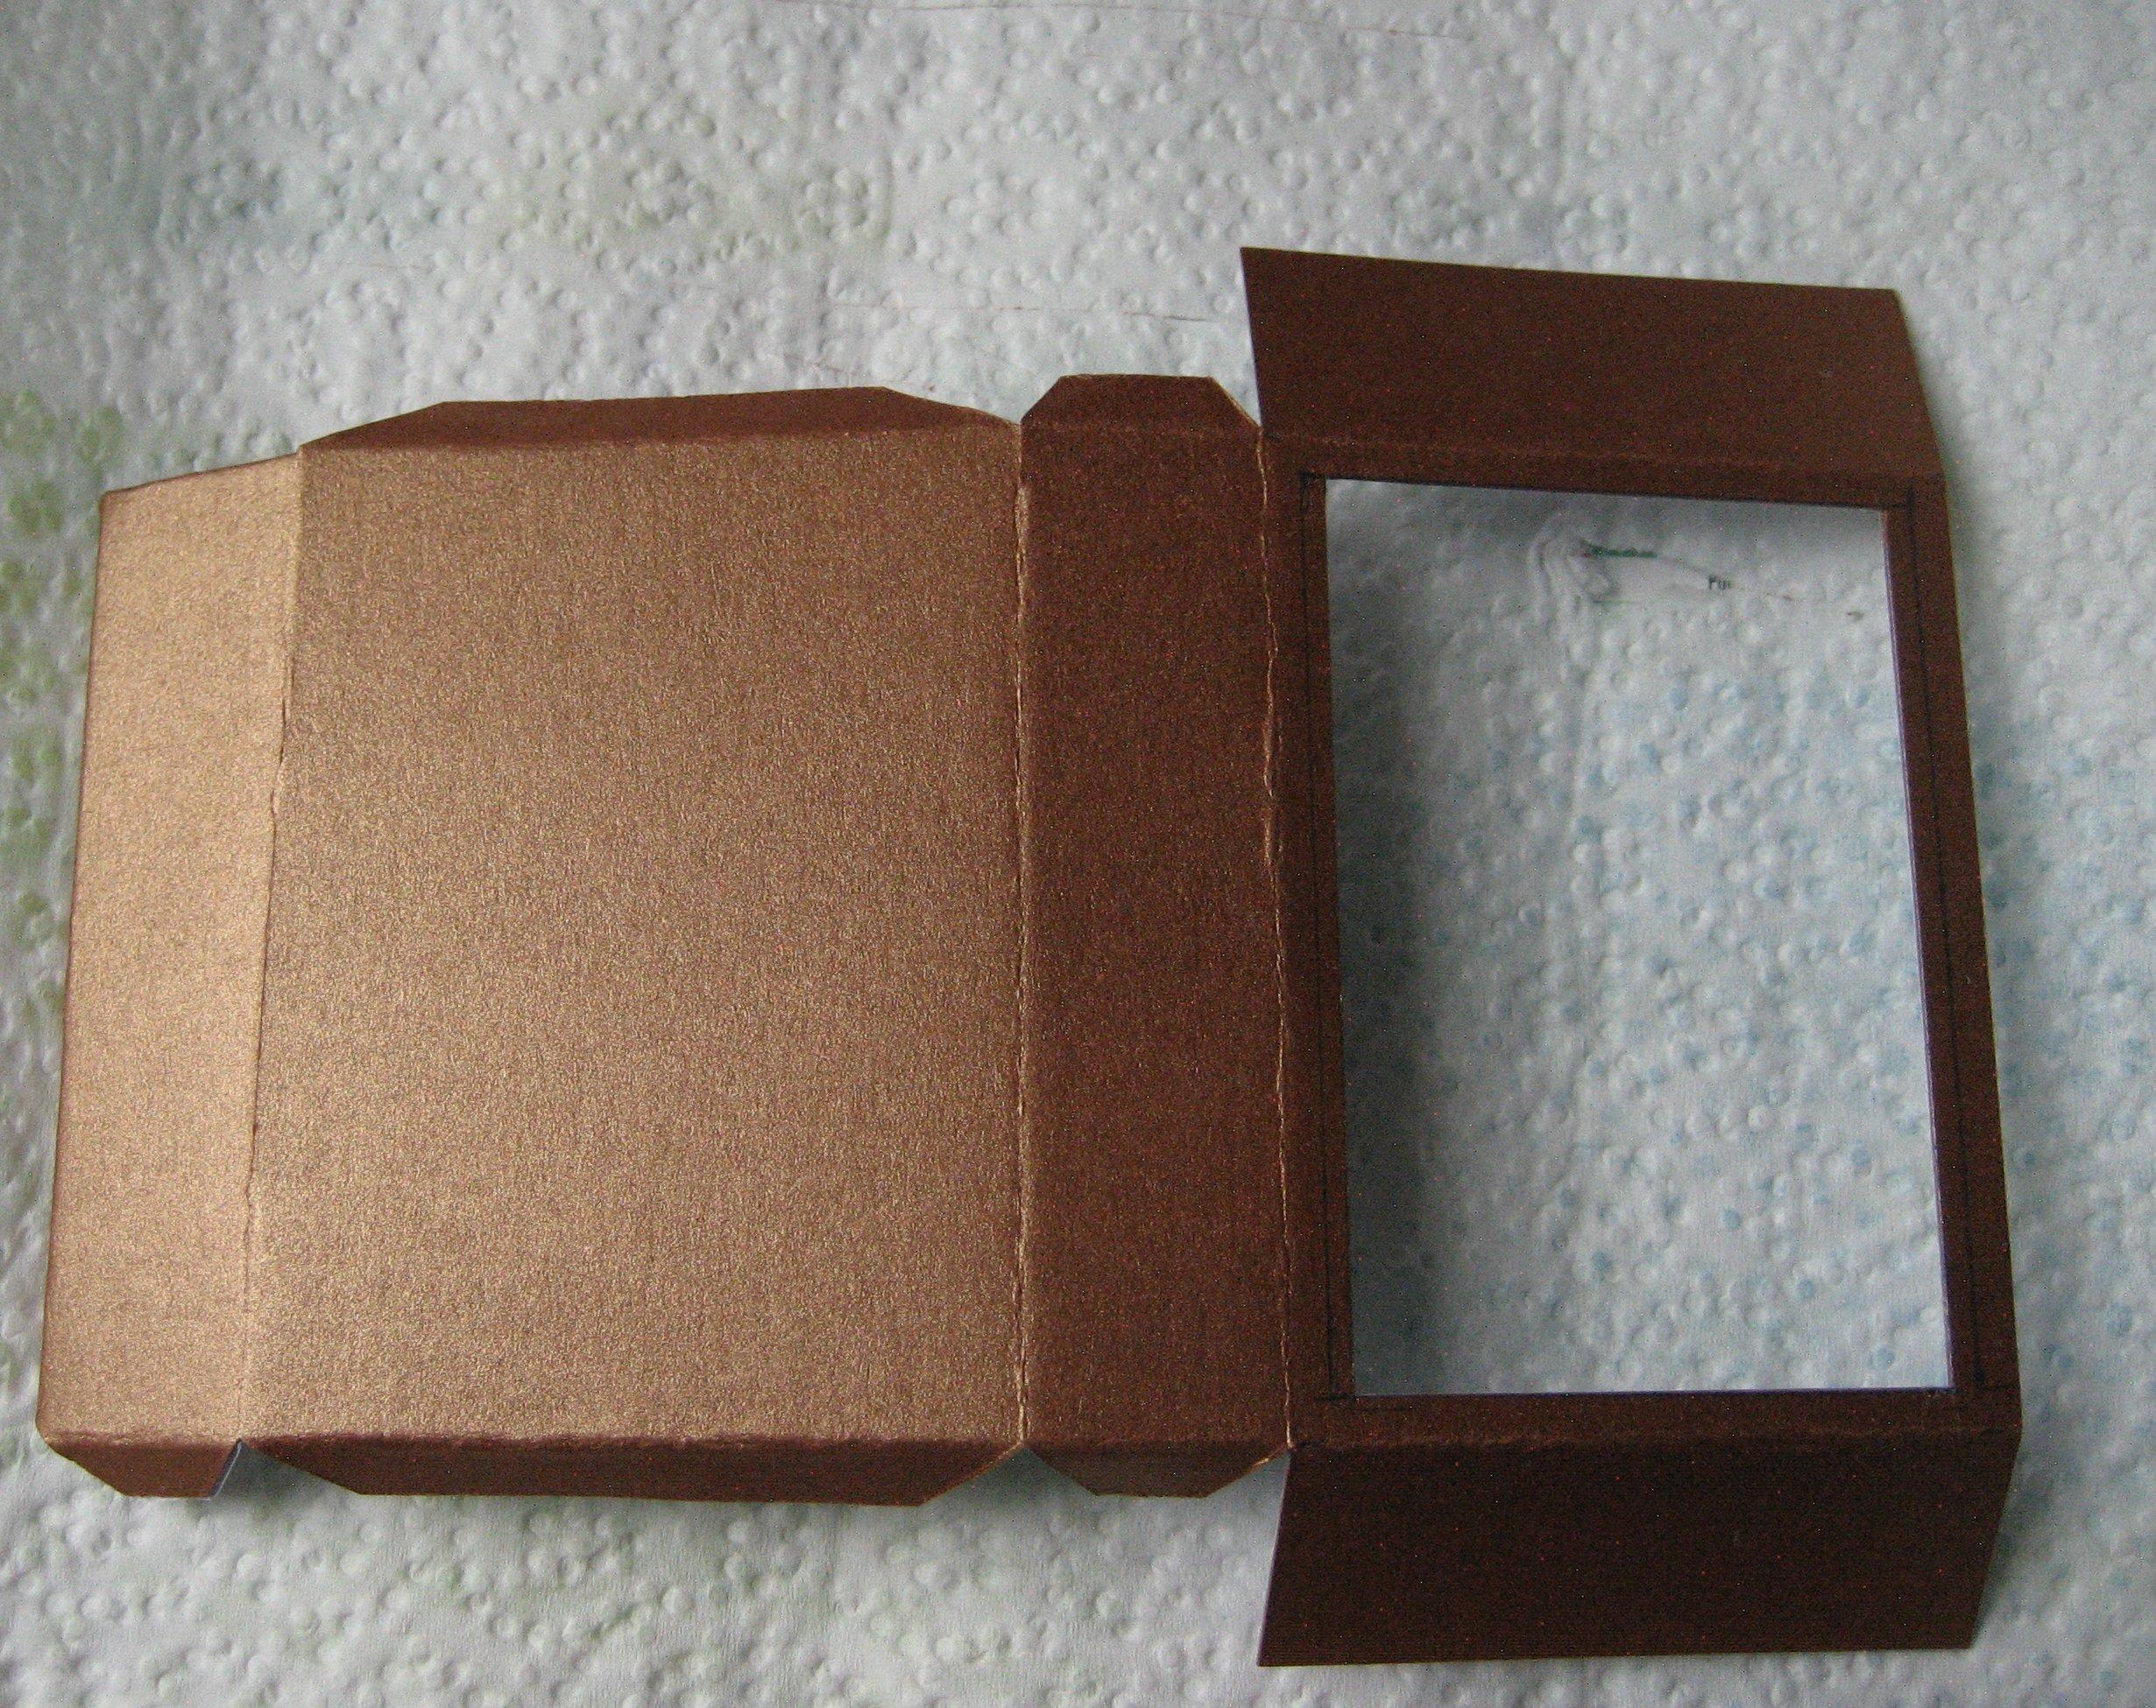 tutoriel diy colombe sur plaque poxy cuivre led rgb changeante. Black Bedroom Furniture Sets. Home Design Ideas